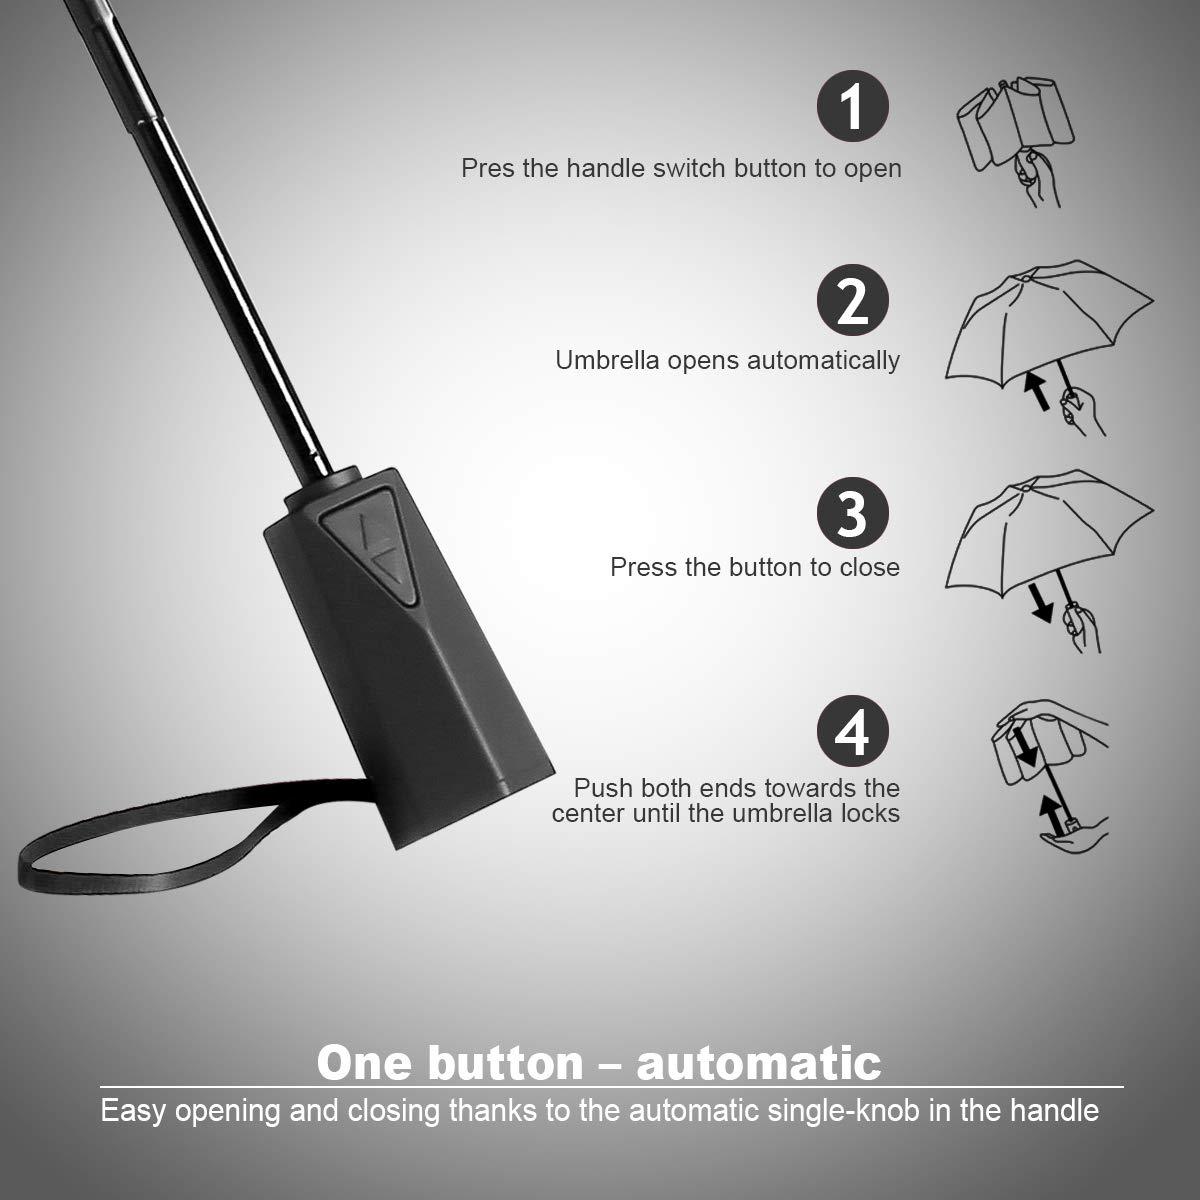 Speedsporting Paraguas de Viaje irrompible automático Compacto con 10 Varillas reforzadas, Resistente al Viento, de Secado rápido, de Acero Inoxidable: ...